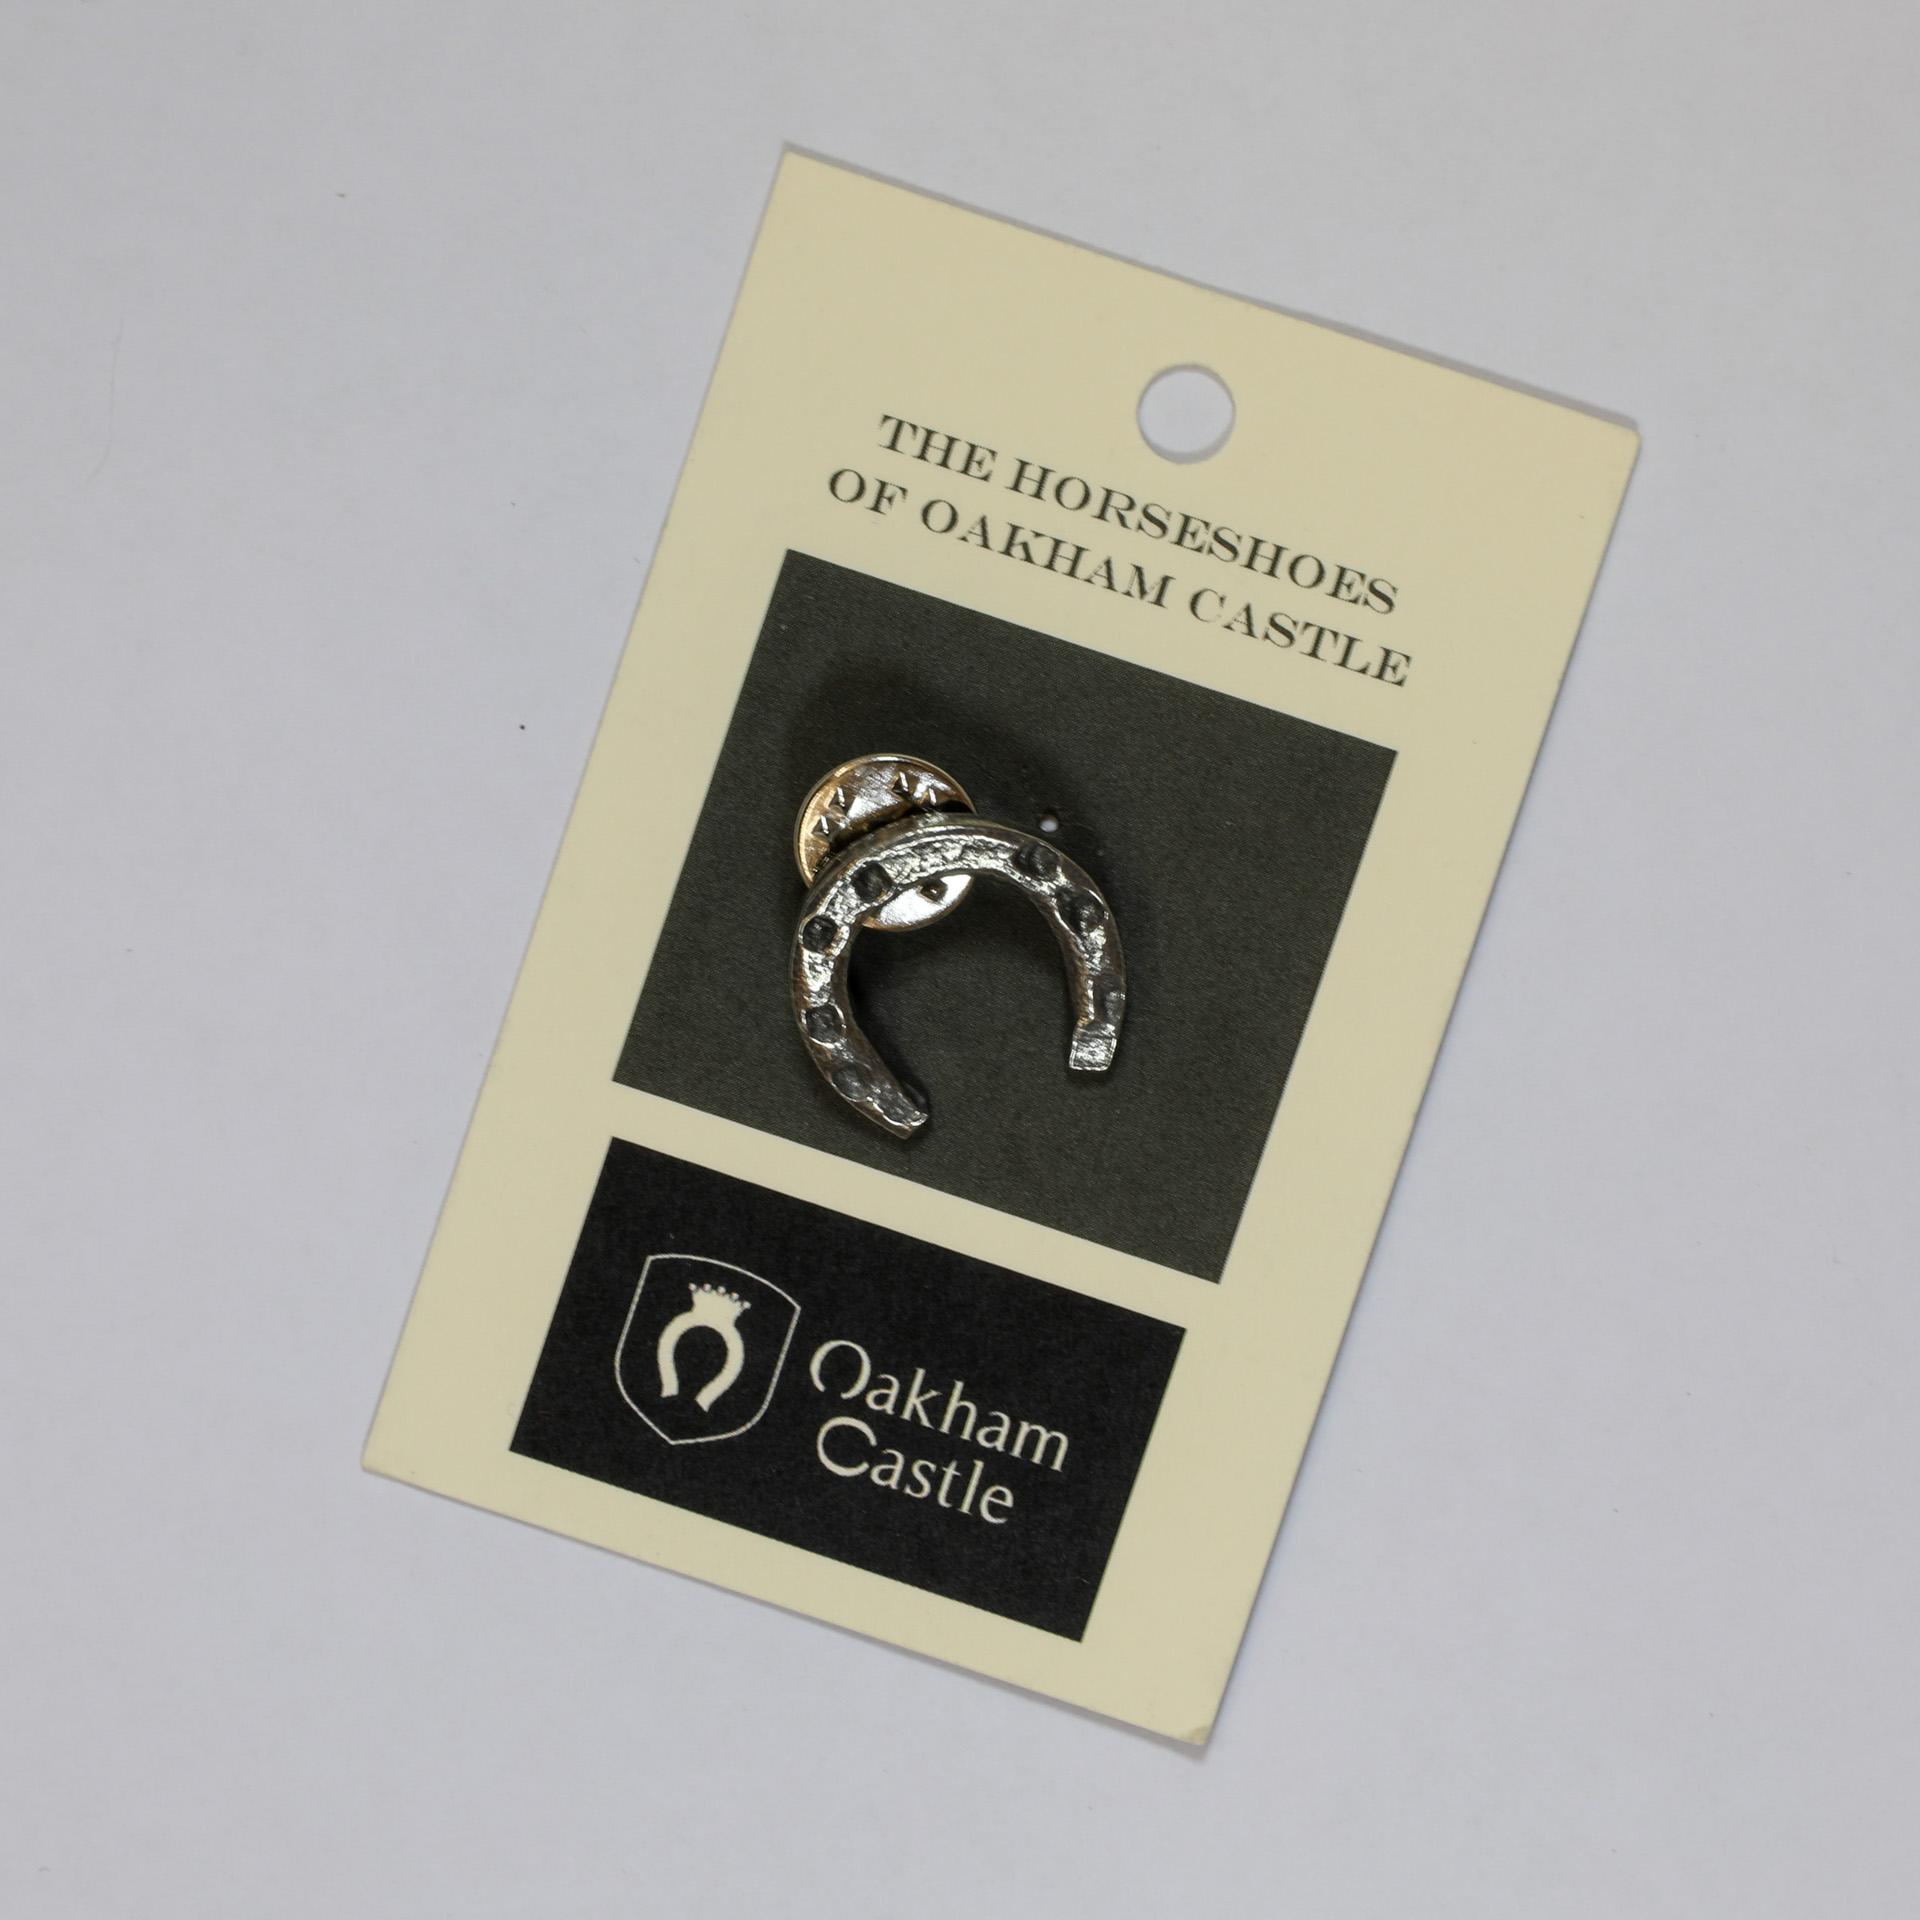 Oakham Castle Horseshoe Pin Badge